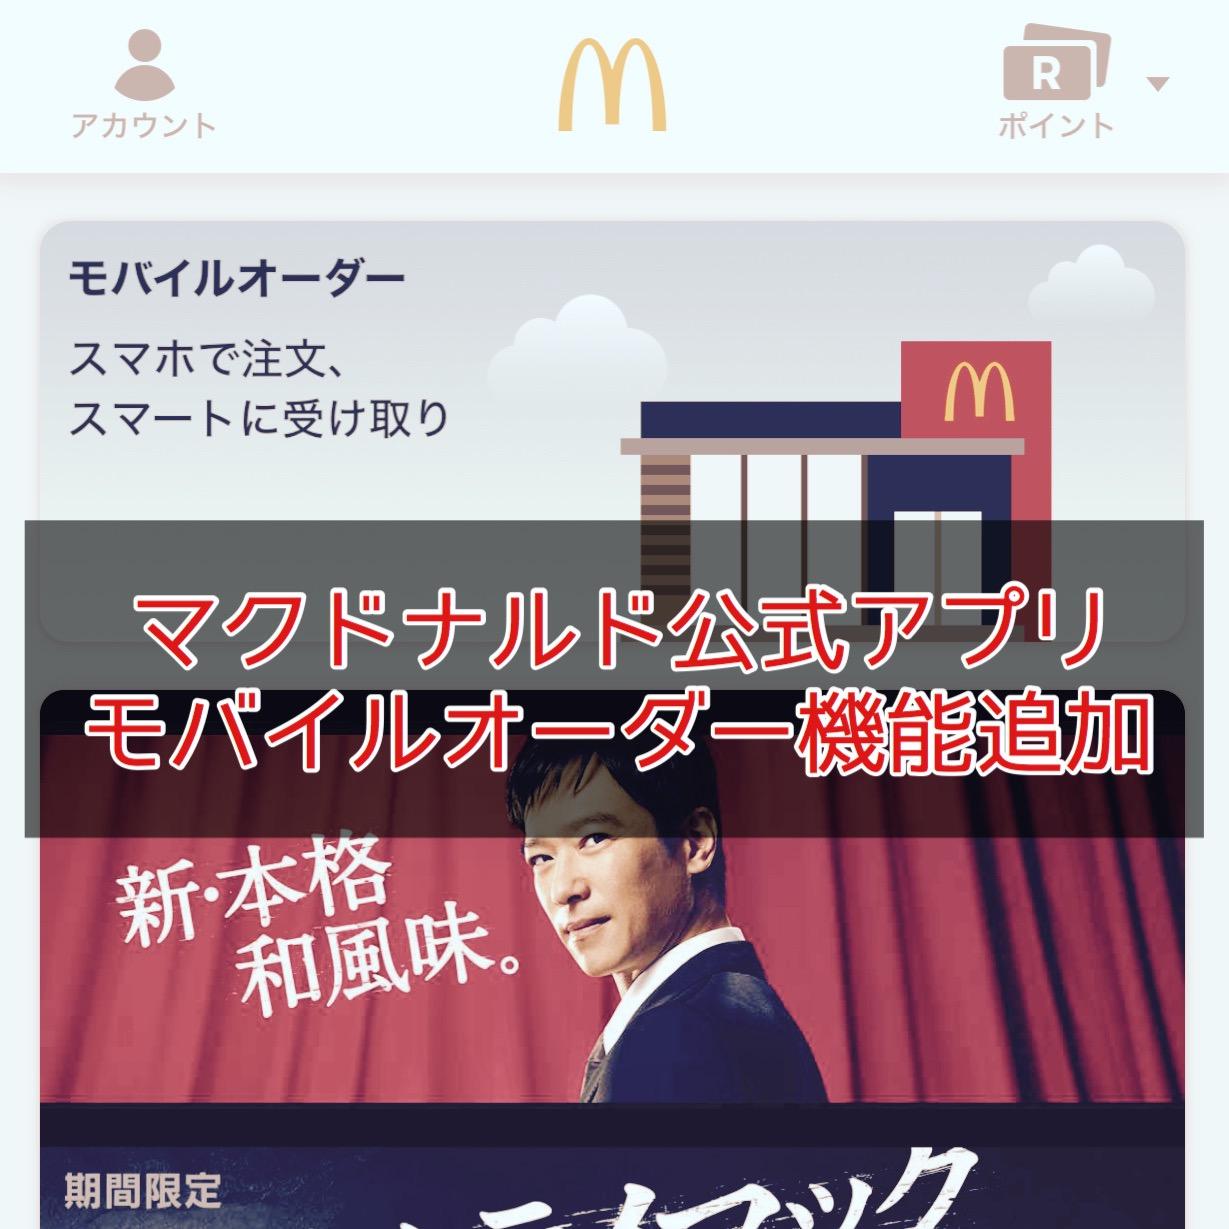 【マクドナルド】公式アプリでモバイルオーダーする方法